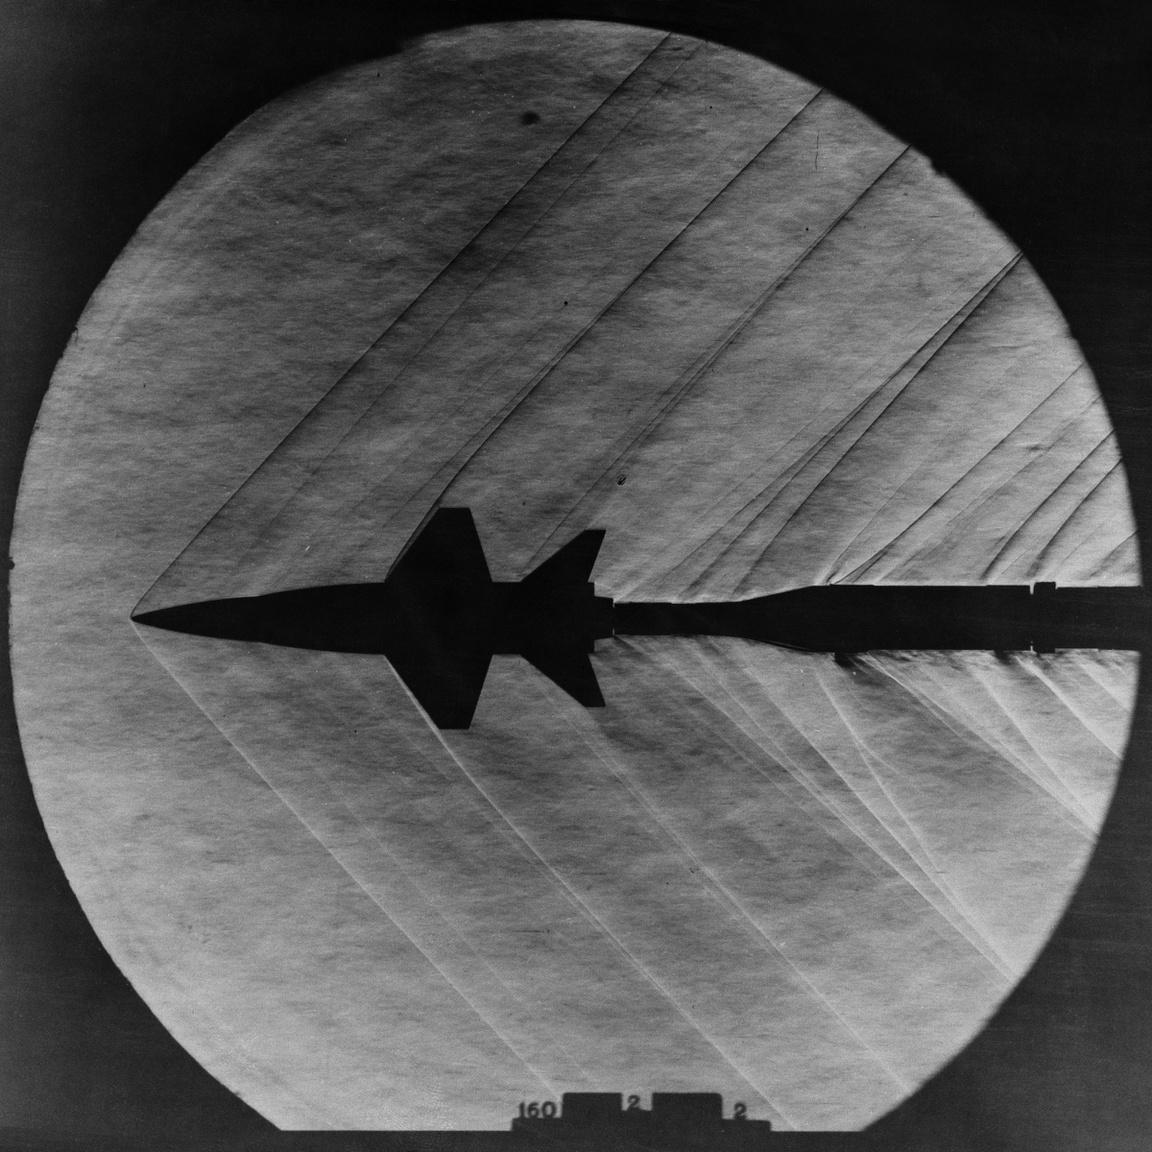 1962: az X-15 kísérleti űrrepülőgép modellje a LRC egyik szuperszonikus szélcsatornájában. Az úgynevezett Schlieren fotó a modell által keltett léghullámokat mutatja.